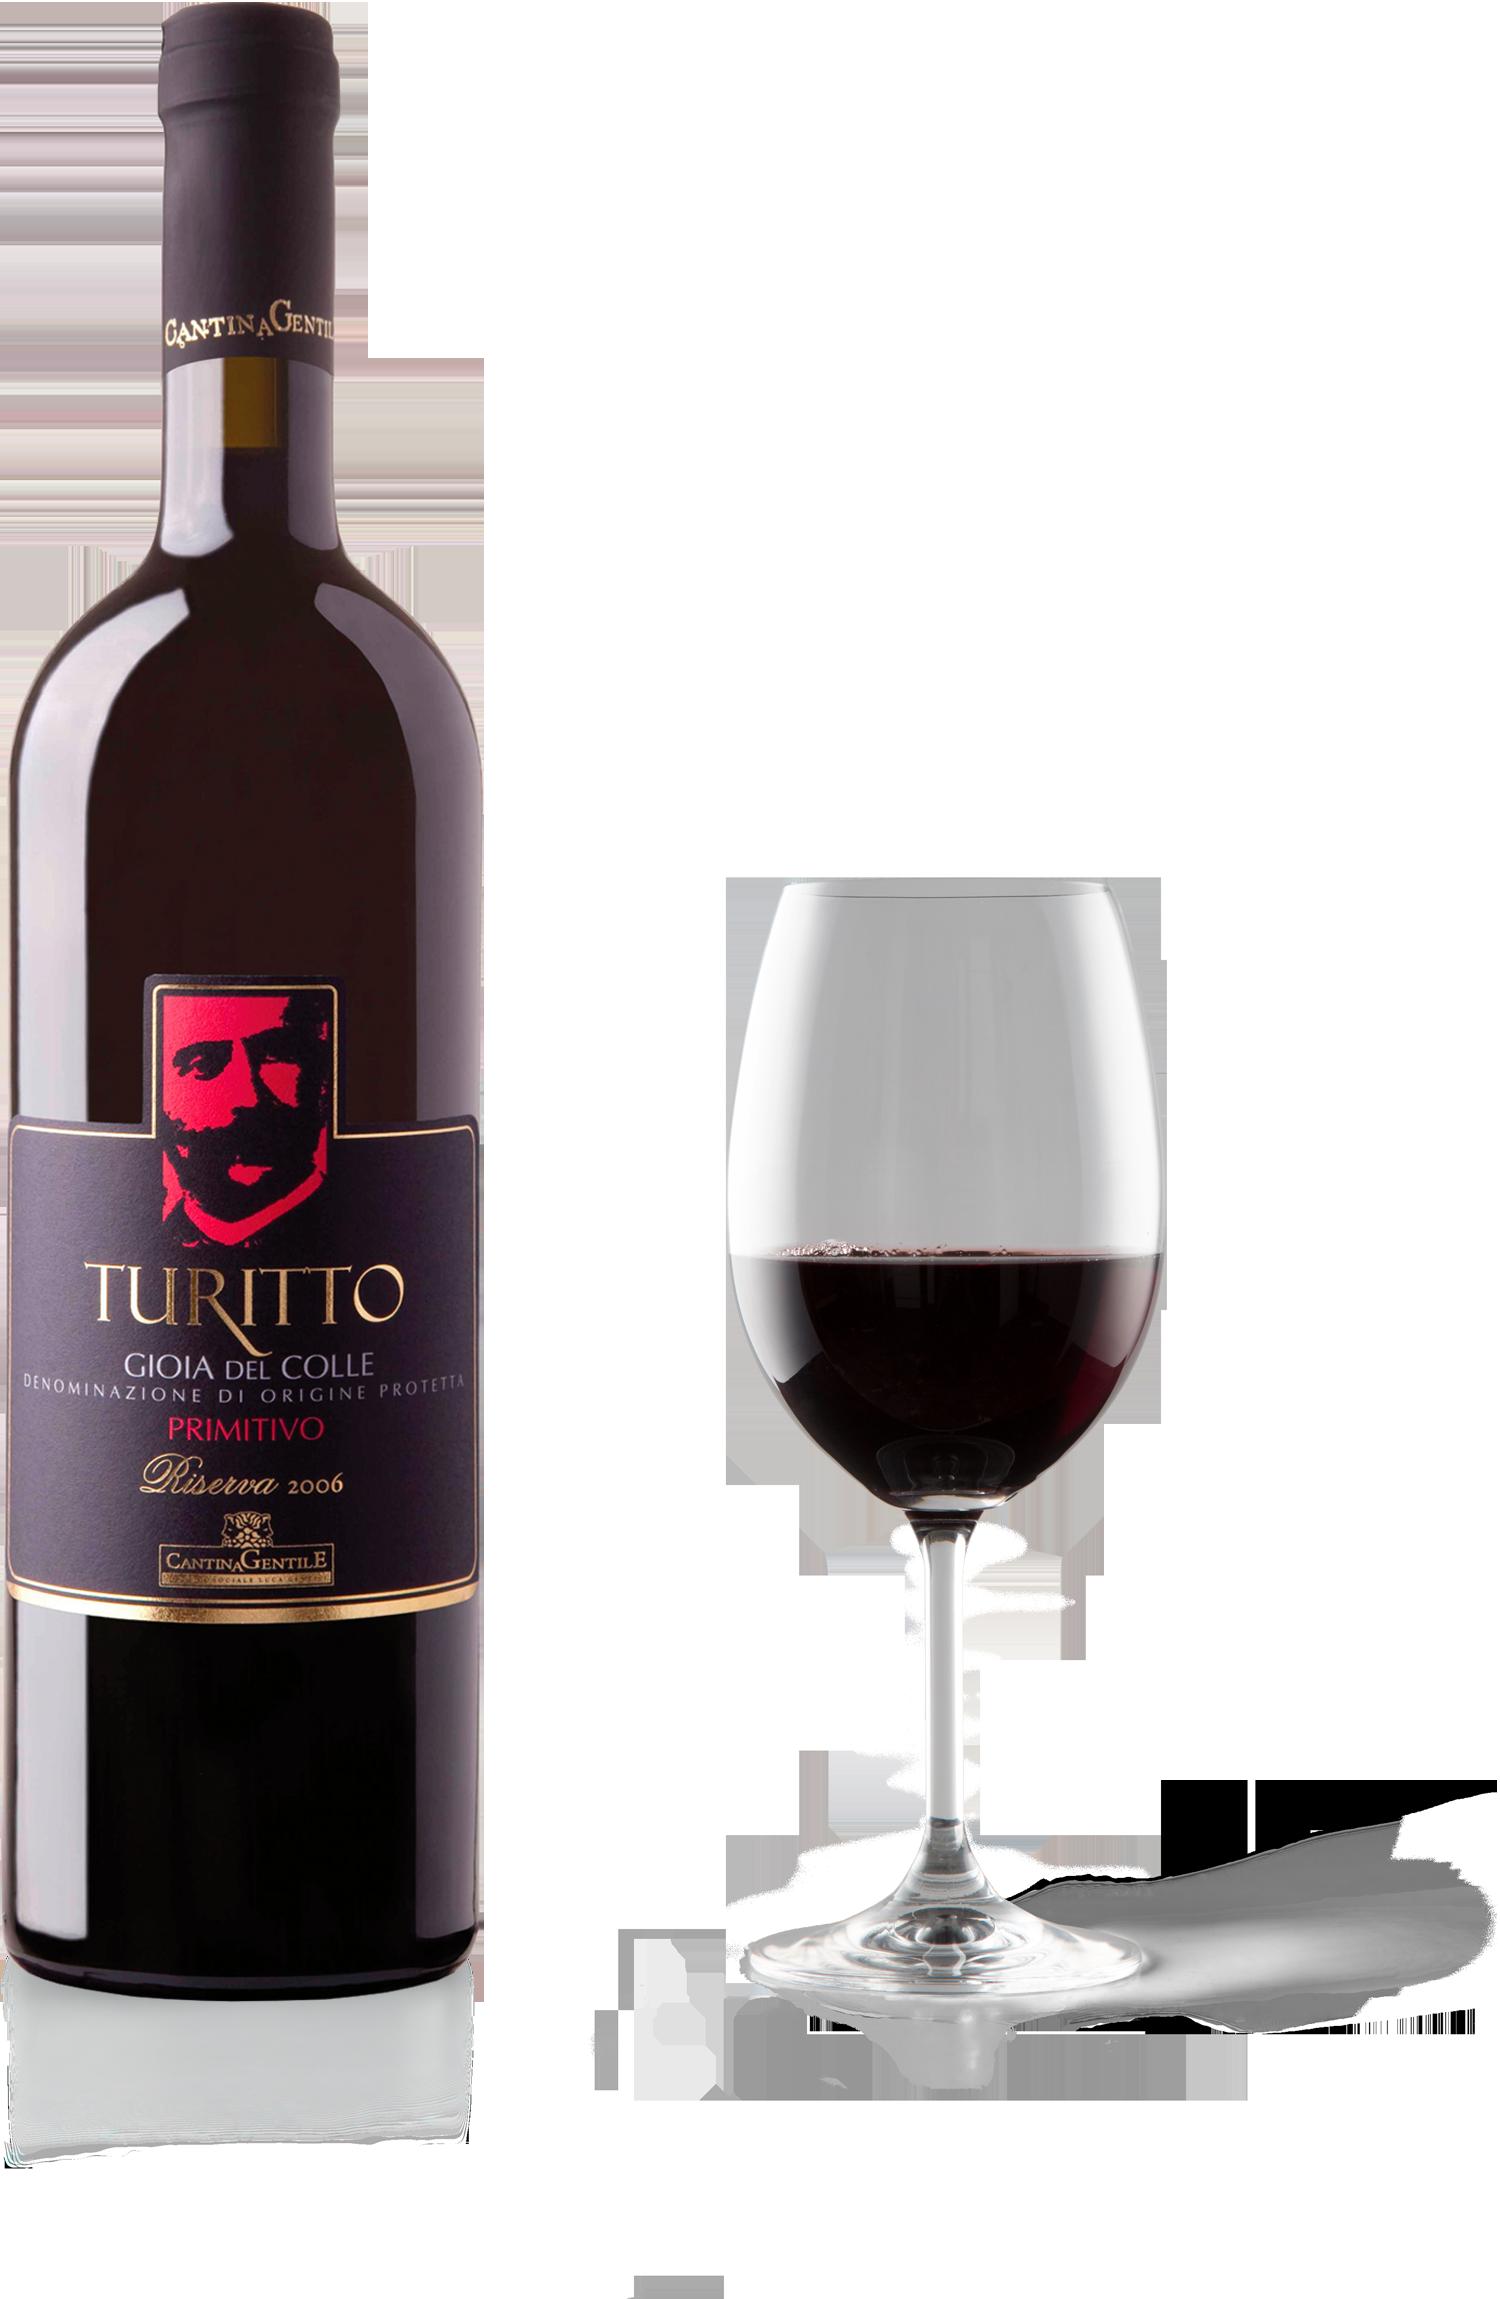 Turitto | Vino Primitivo | Cantina Gentile